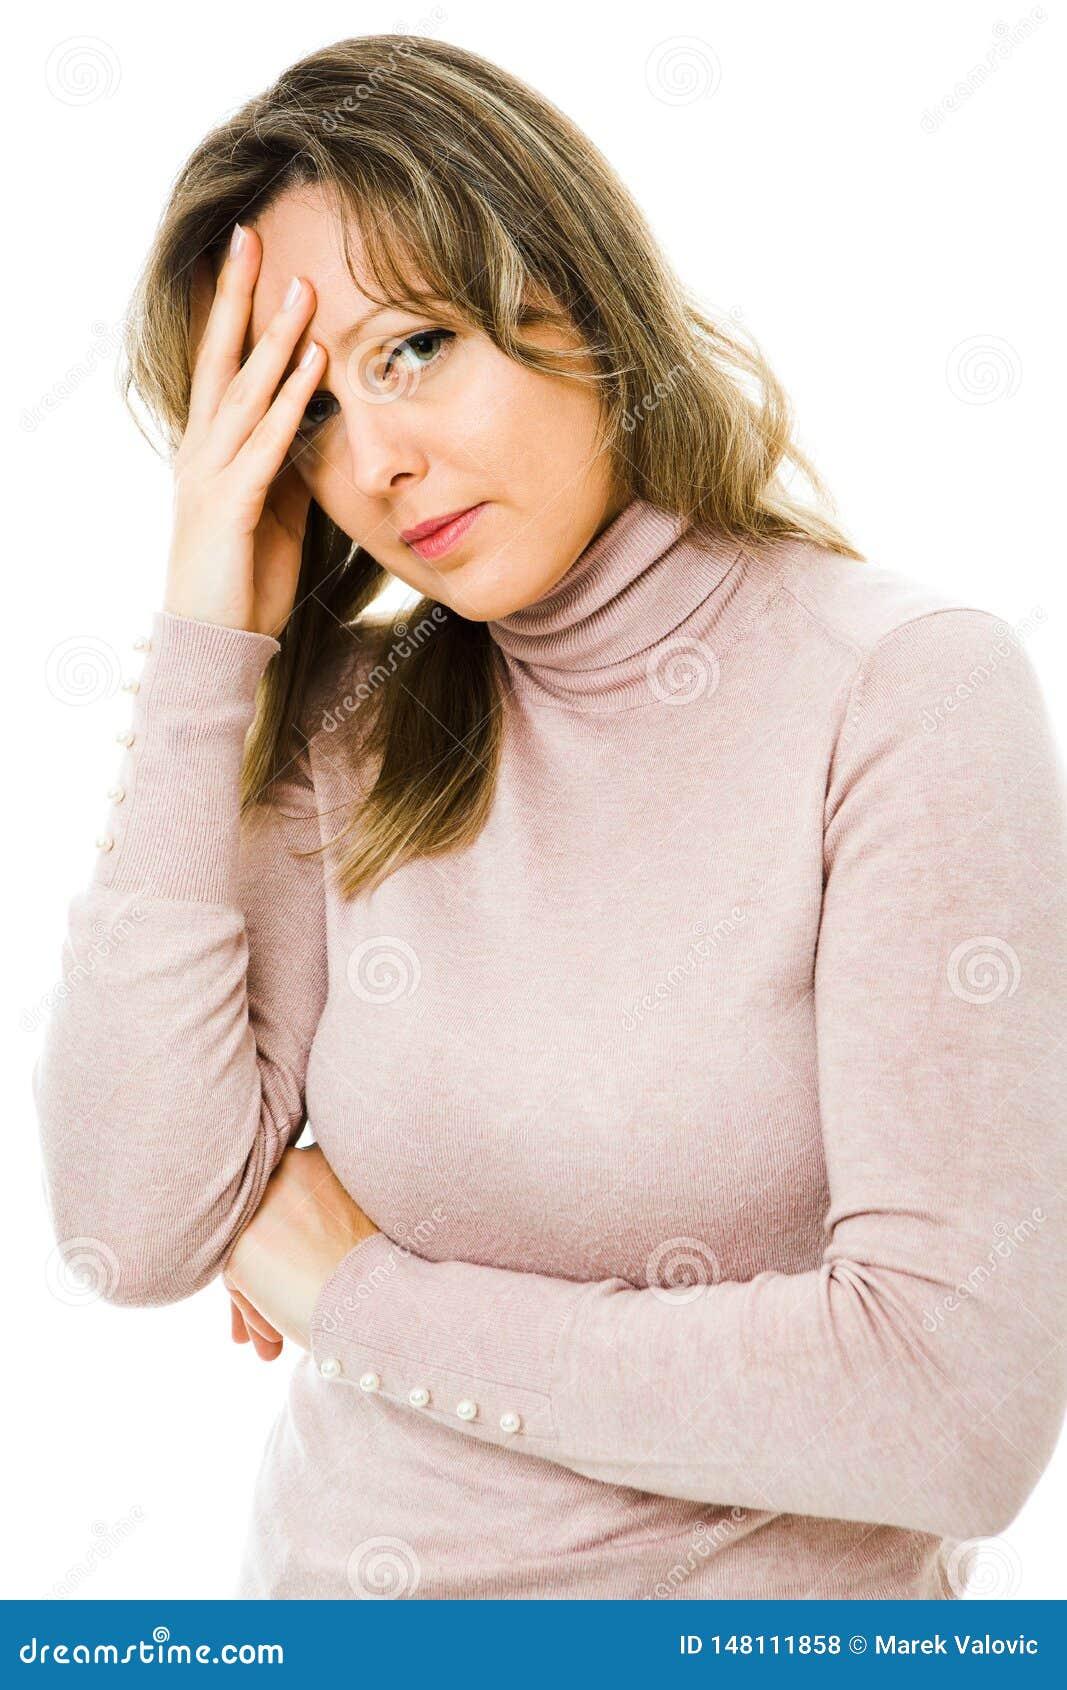 Blondineleidenkopfschmerzen - überbelastend